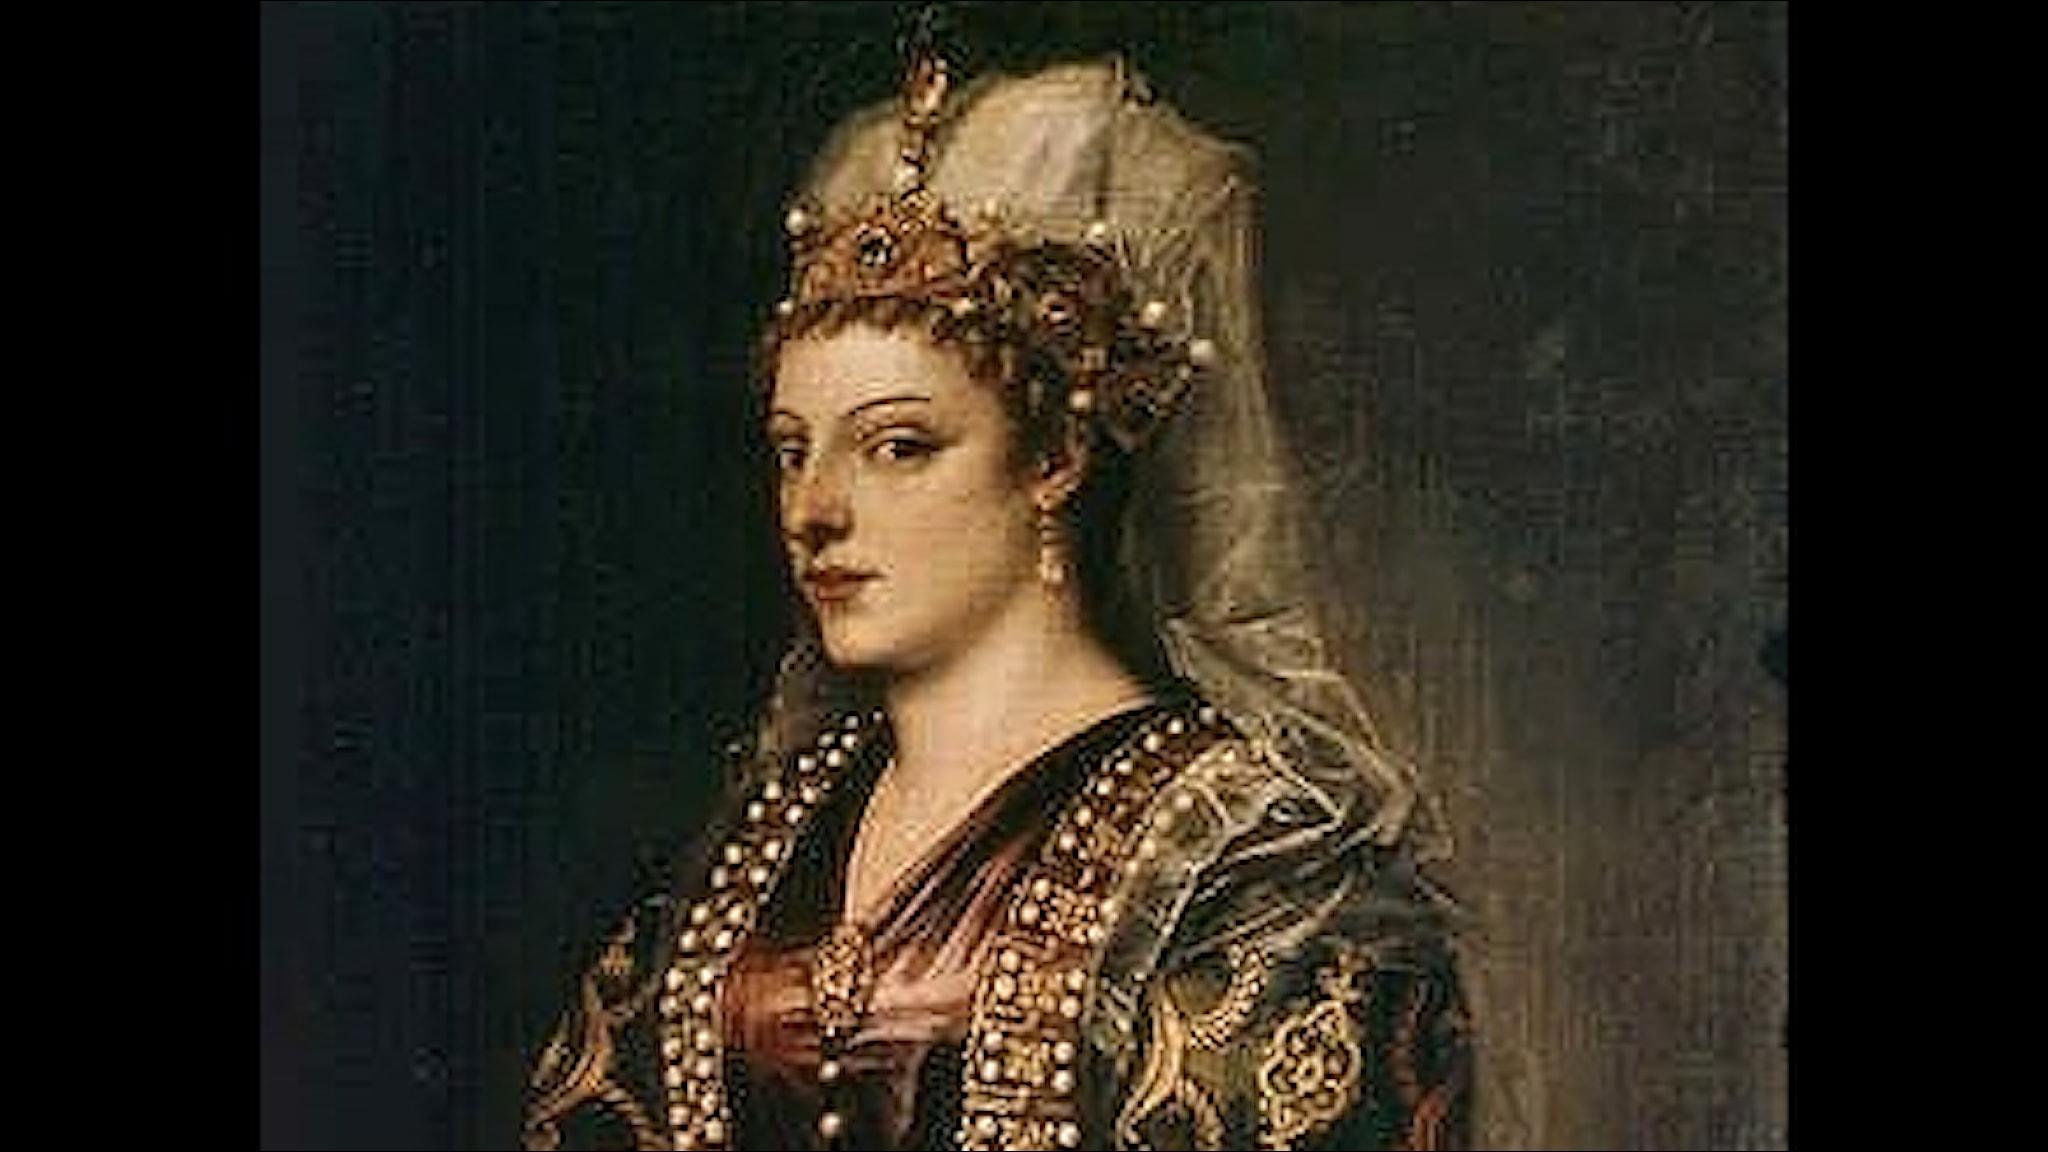 Porträtt av Caterina Cornaro (Titian, 1542).